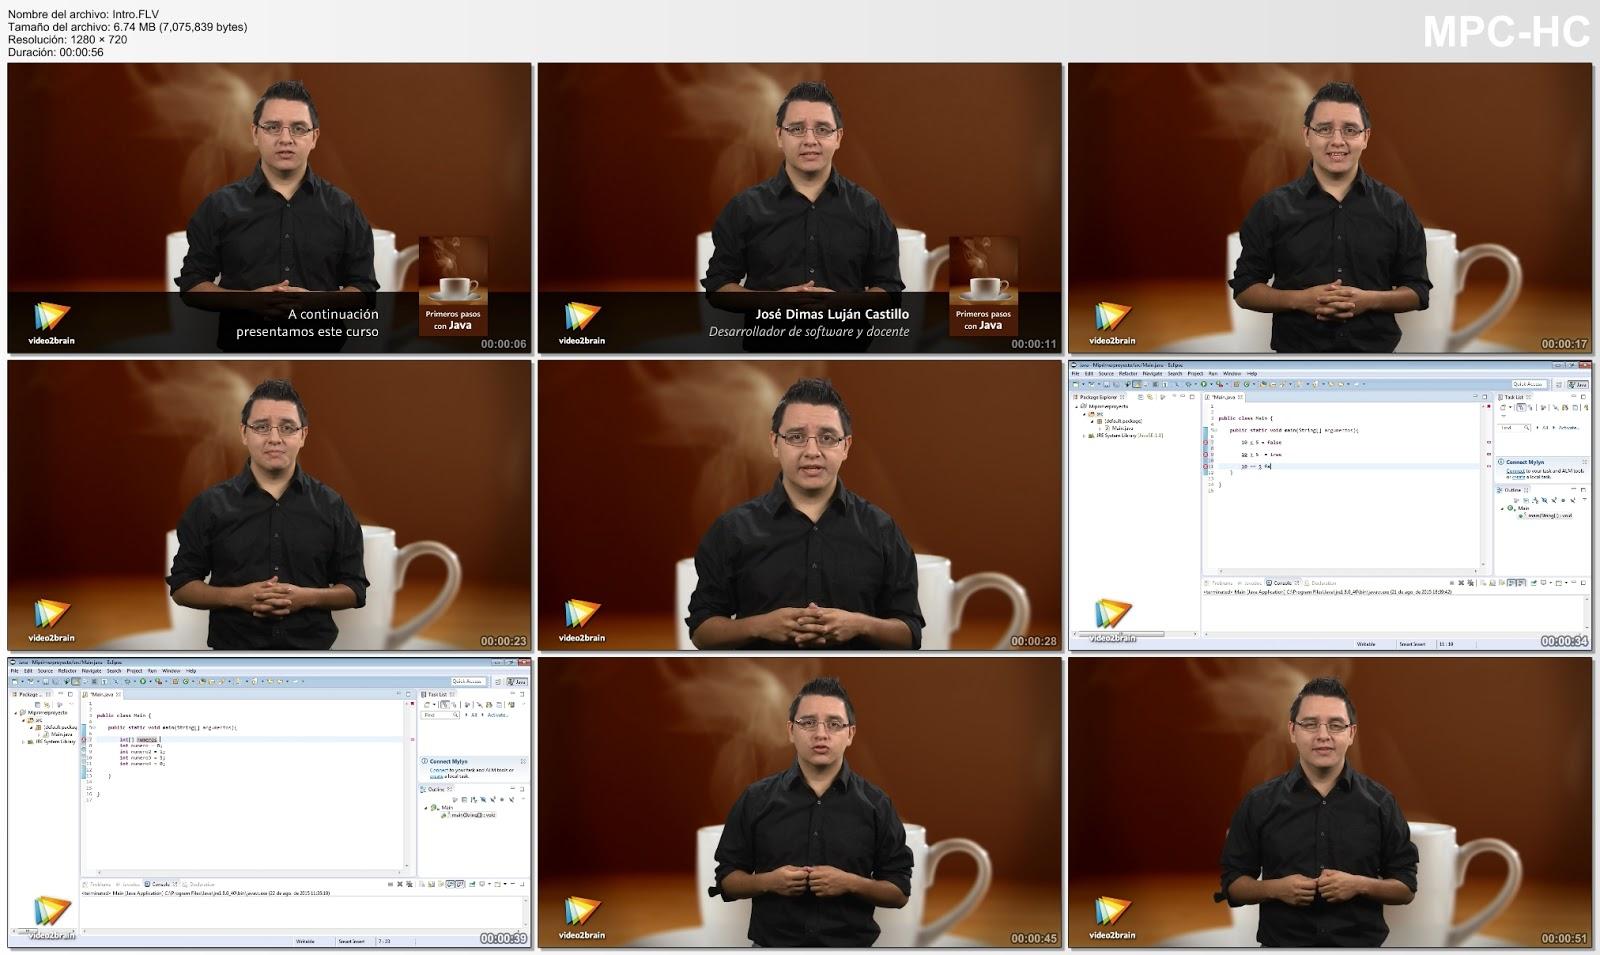 Introducción al curso de aprender Java